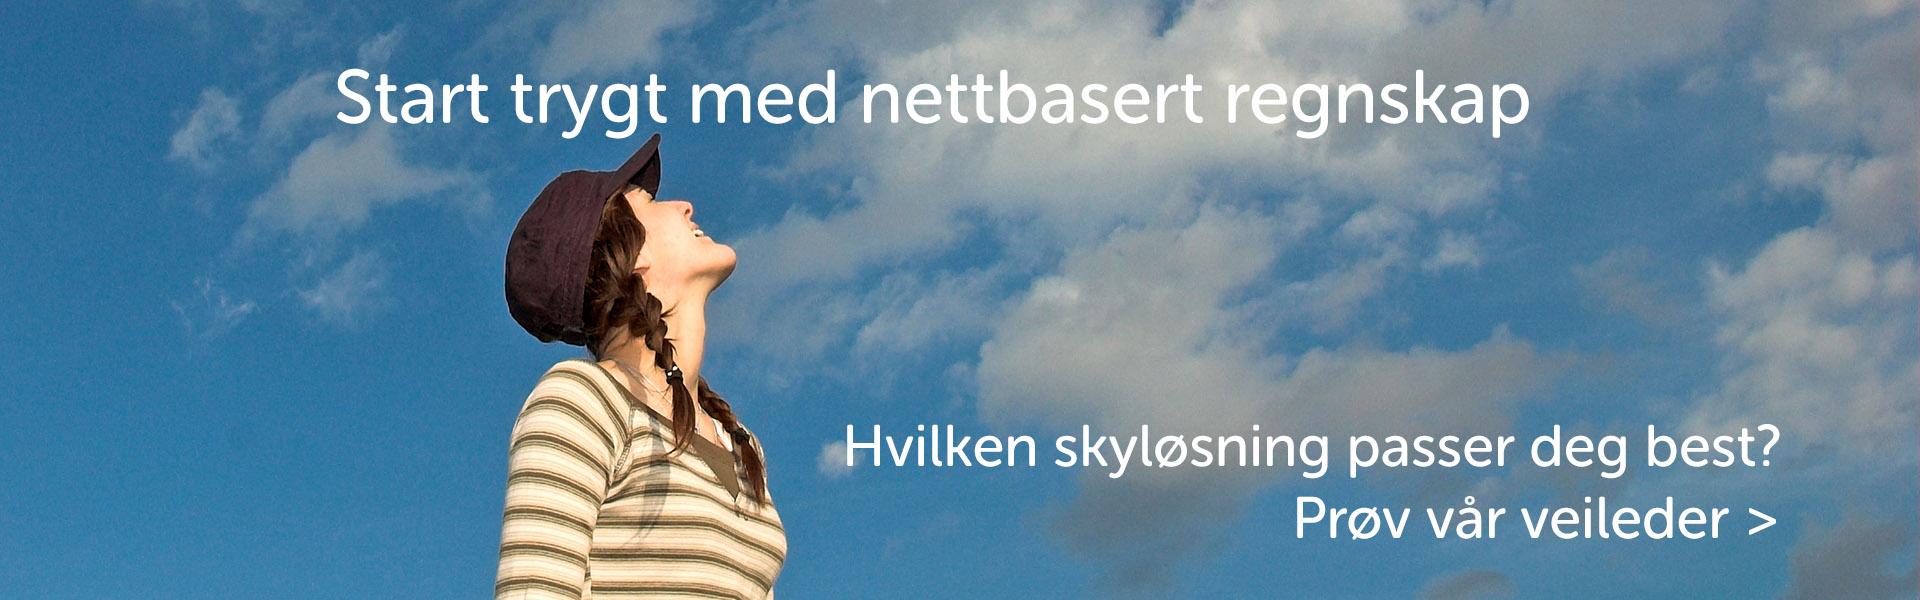 Start trygt med SpareBank 1 Regnskapshuset SMN